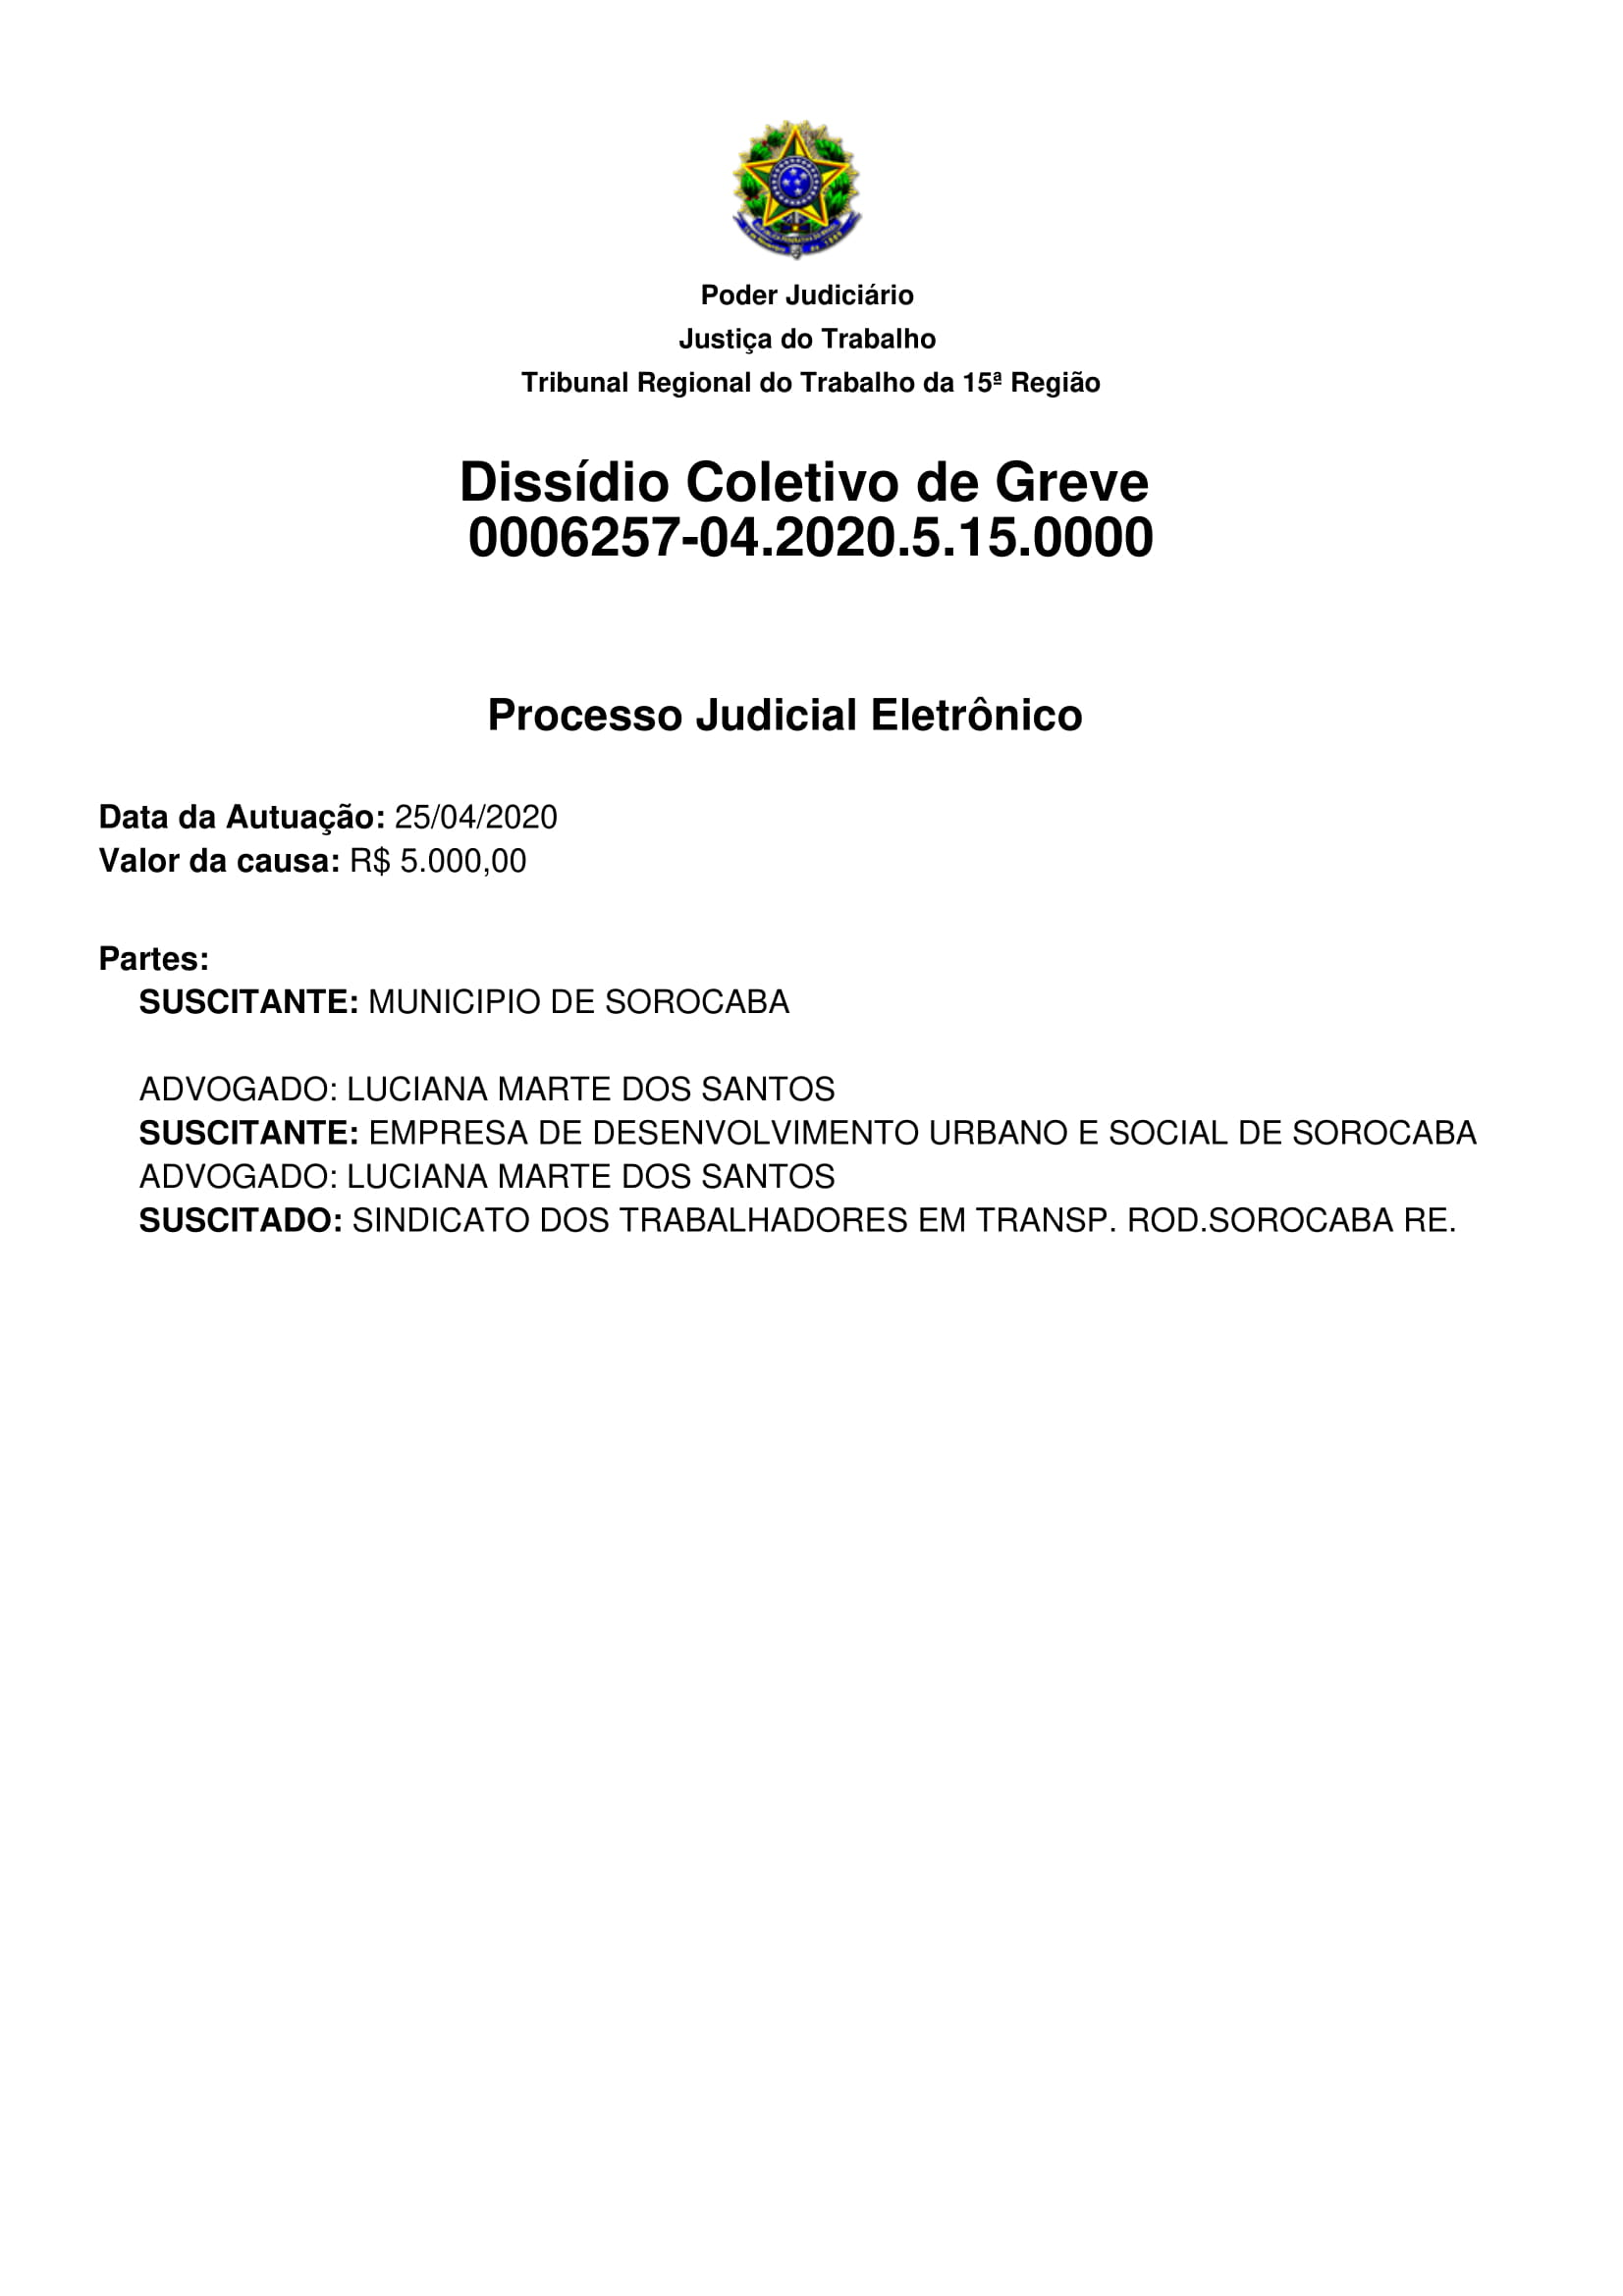 noticias.sorocaba.sp.gov.br-documento-d1559e2-1